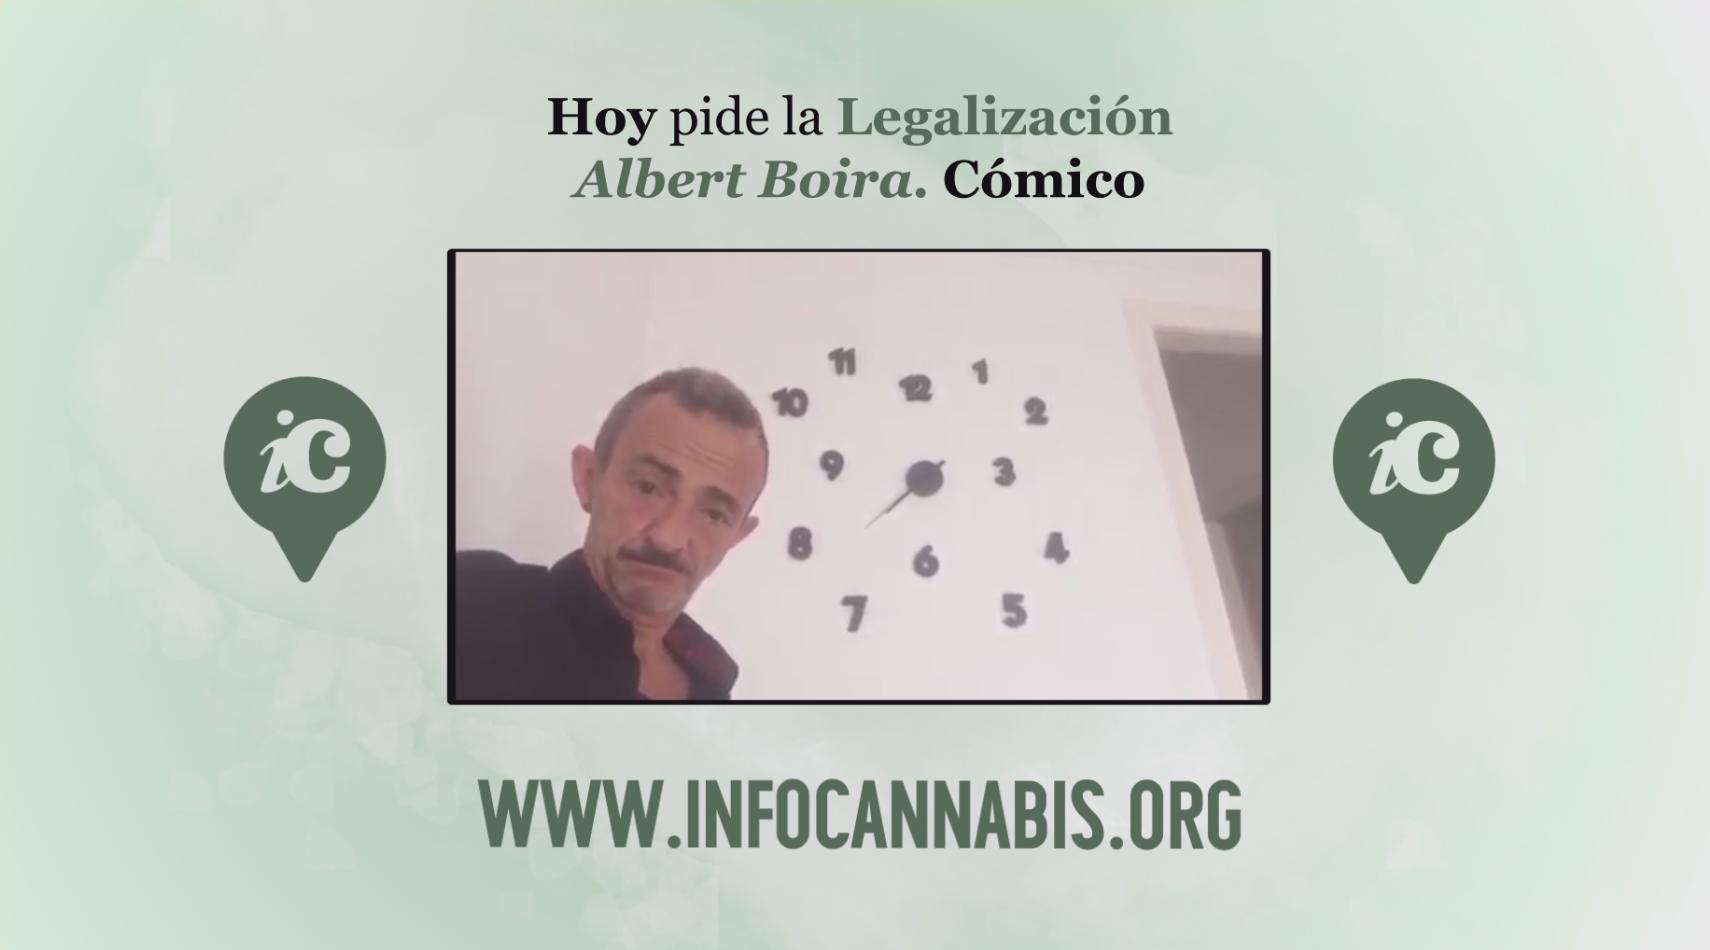 Vídeo. Hoy pide la legalización... Albert Boira, Cómico. 1